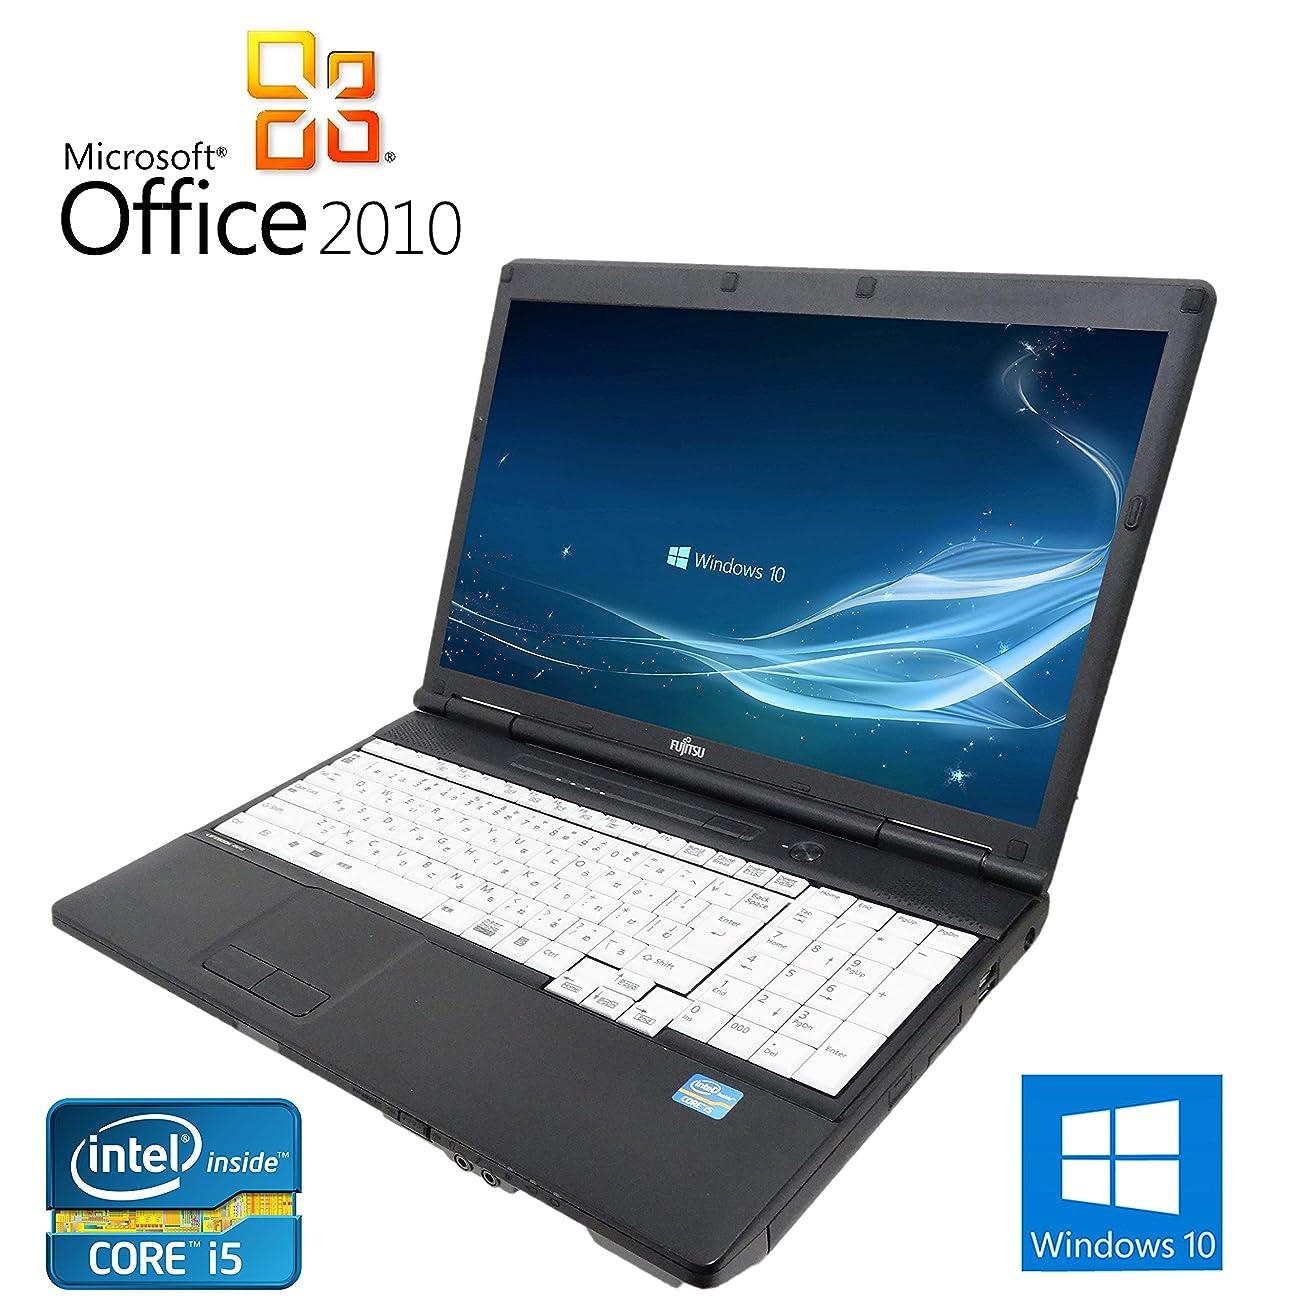 連合ネズミ日曜日【Microsoft Office 2010搭載】【Win 10搭載】富士通 A561/C/第二世代Core i5 2.5GHz/メモリ4GB/HDD:500GB/DVDスーパーマルチ/大画面15インチ/10キー付/無線LAN搭載/中古ノートパソコン (ハードディスク:500GB)